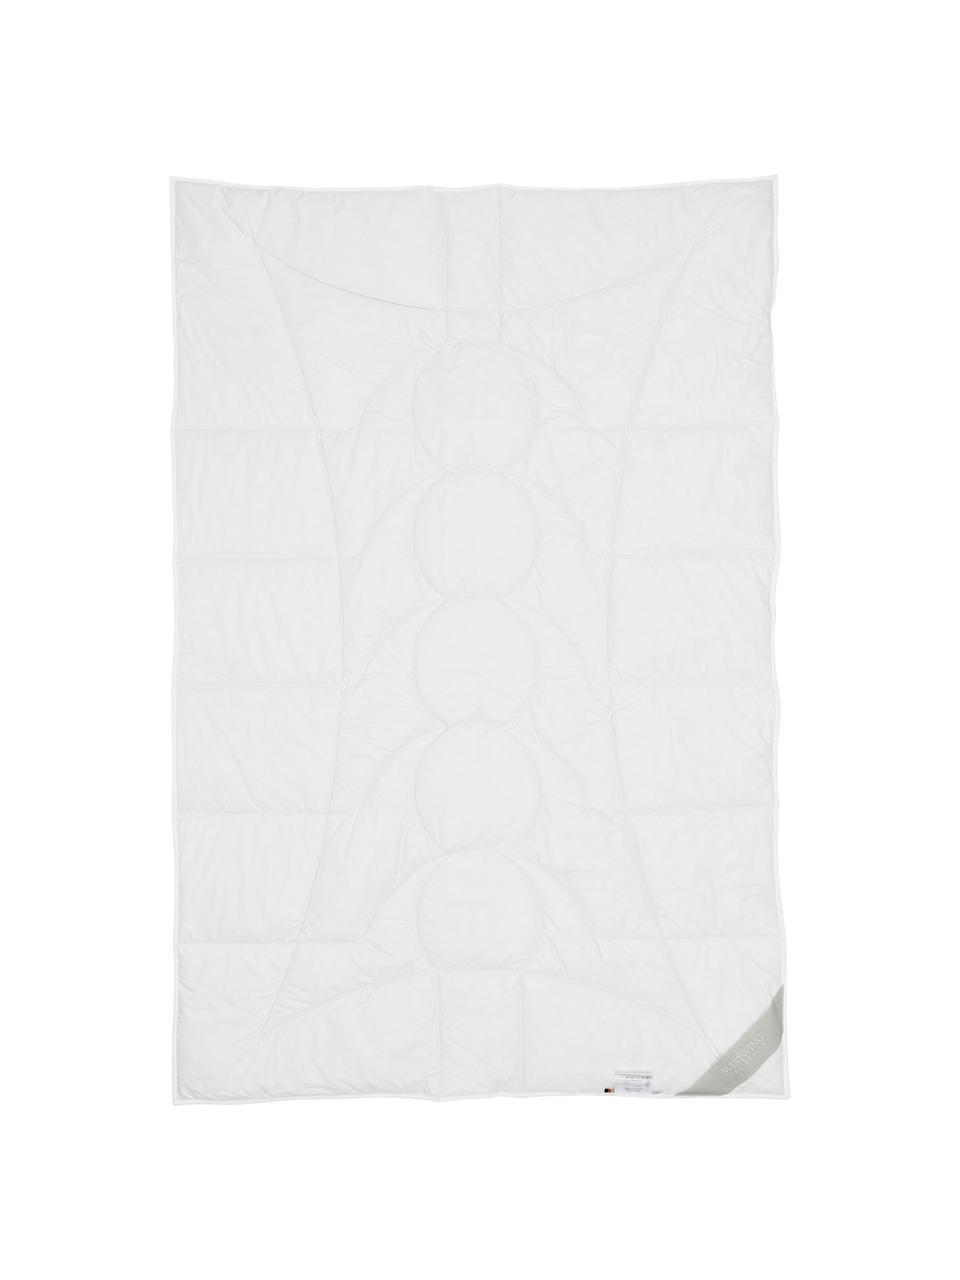 Wegańska kołdra z kapoka i bawełny, lekka, Tapicerka: 100% bawełna, Biały, S 240 x D 220 cm